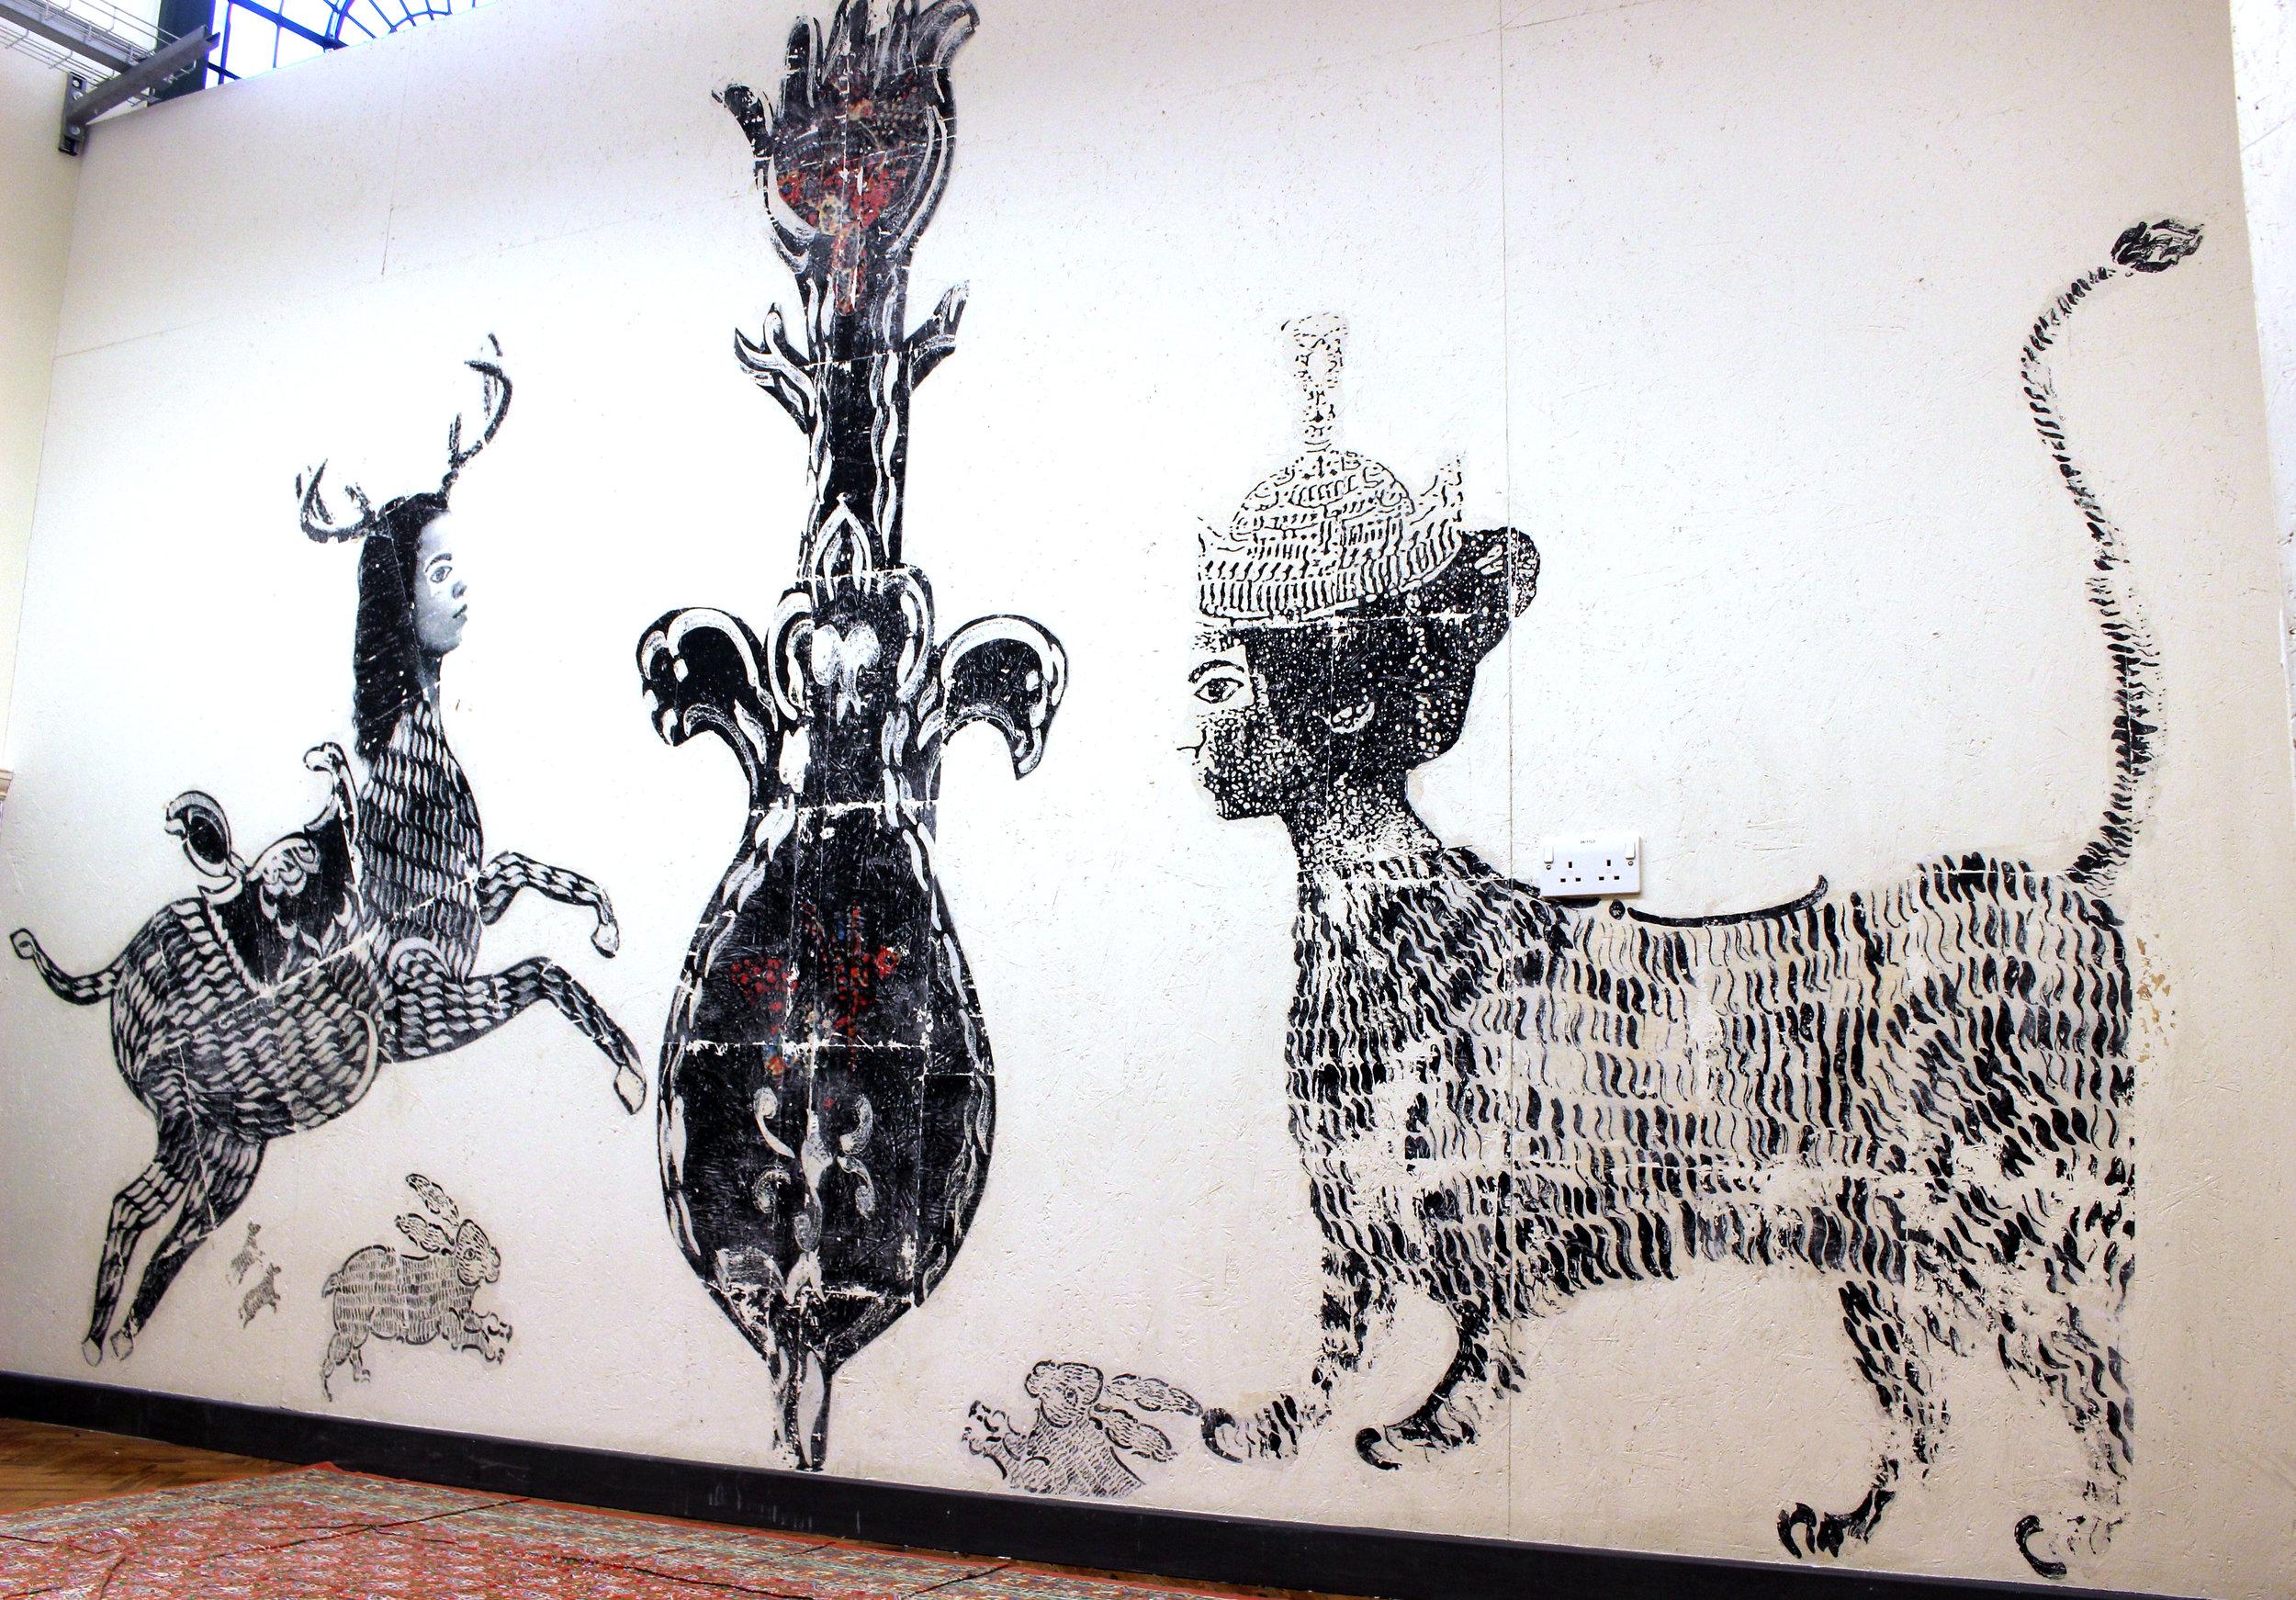 Barrage animeerde in mei een workshop in Tate Modern in London, waar deze muurprint te zien was.